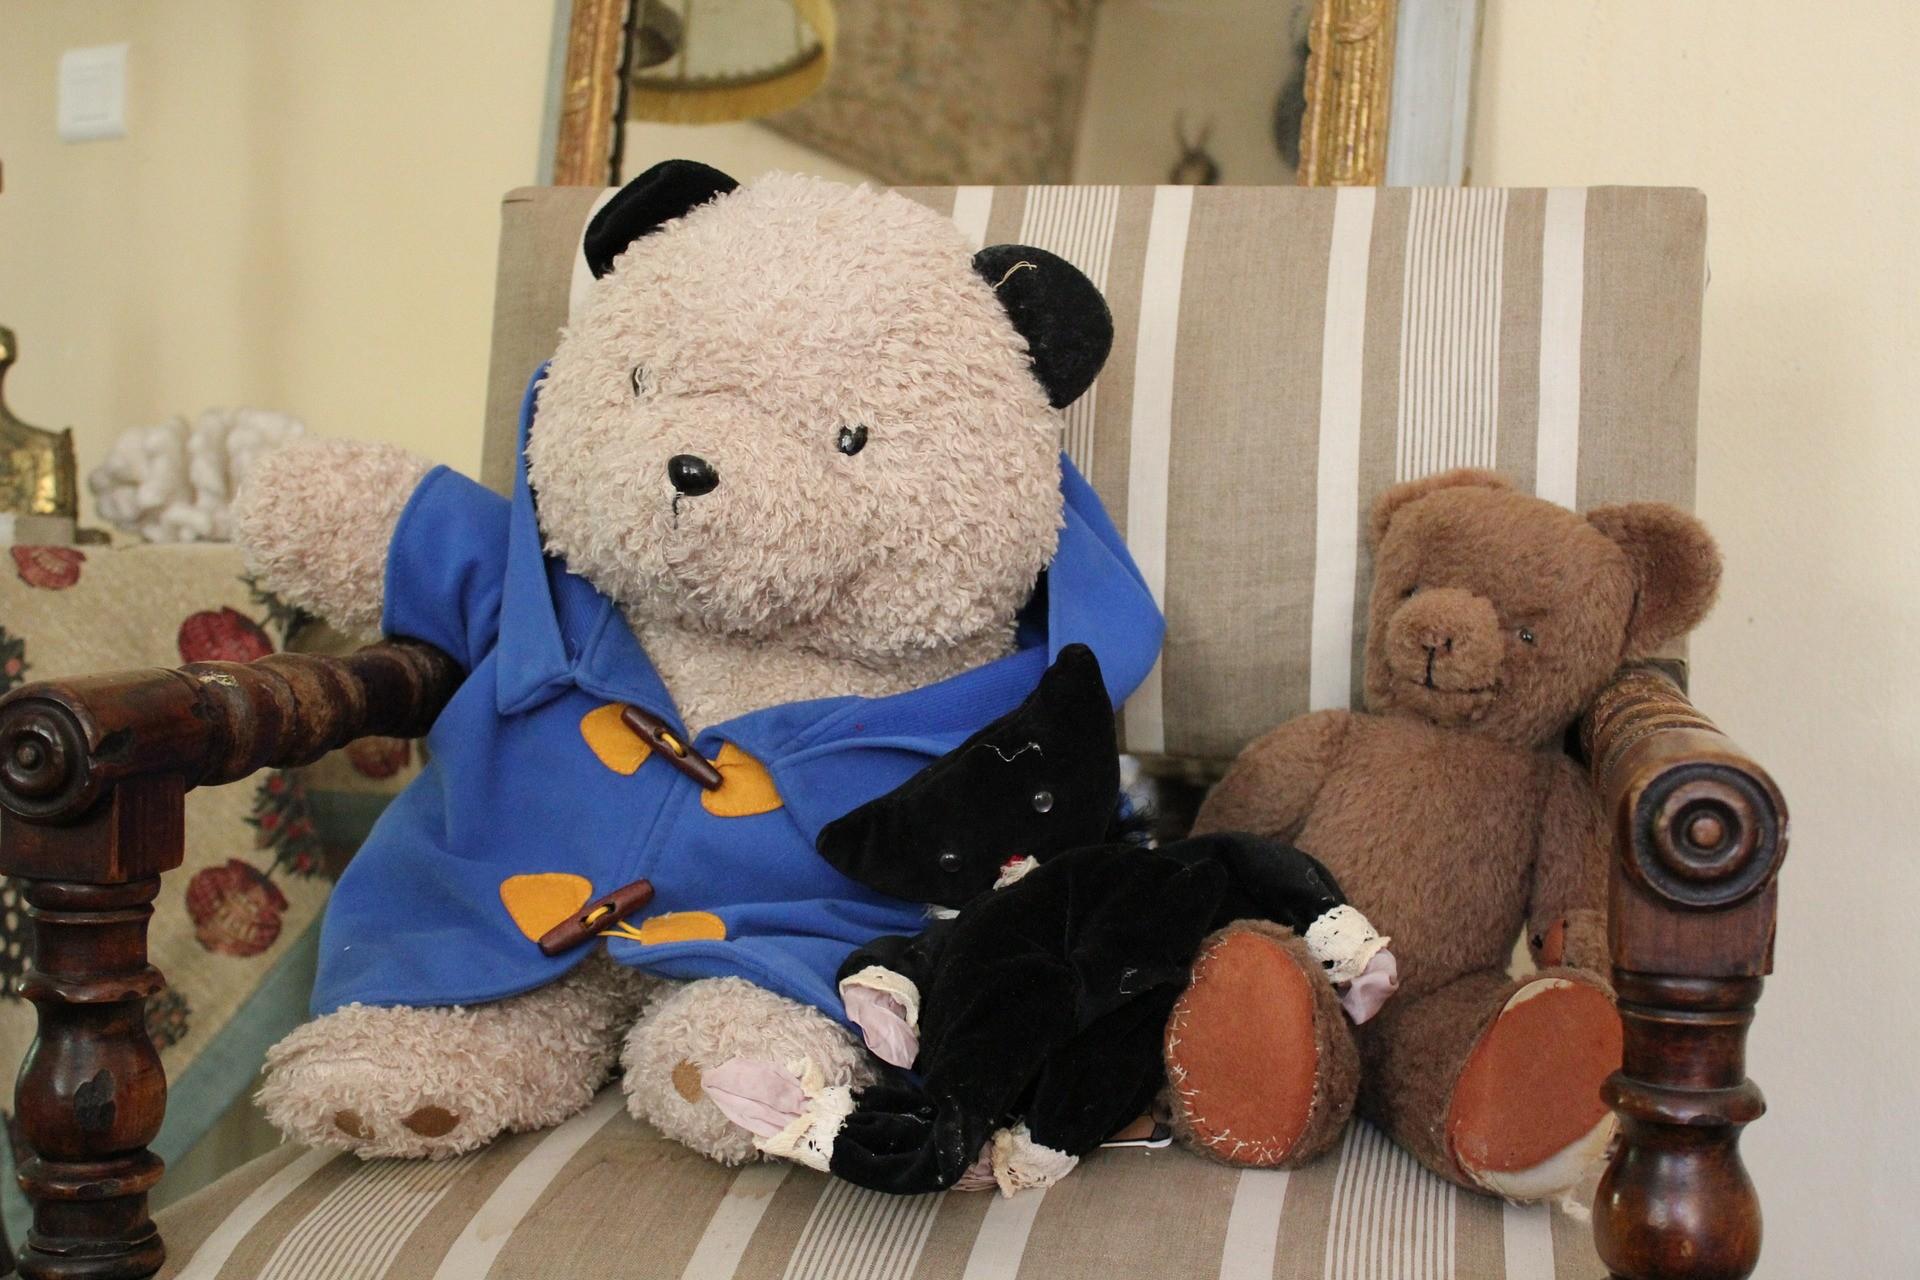 ▲小熊玩偶。(示意圖/取自免費圖庫pixabay)